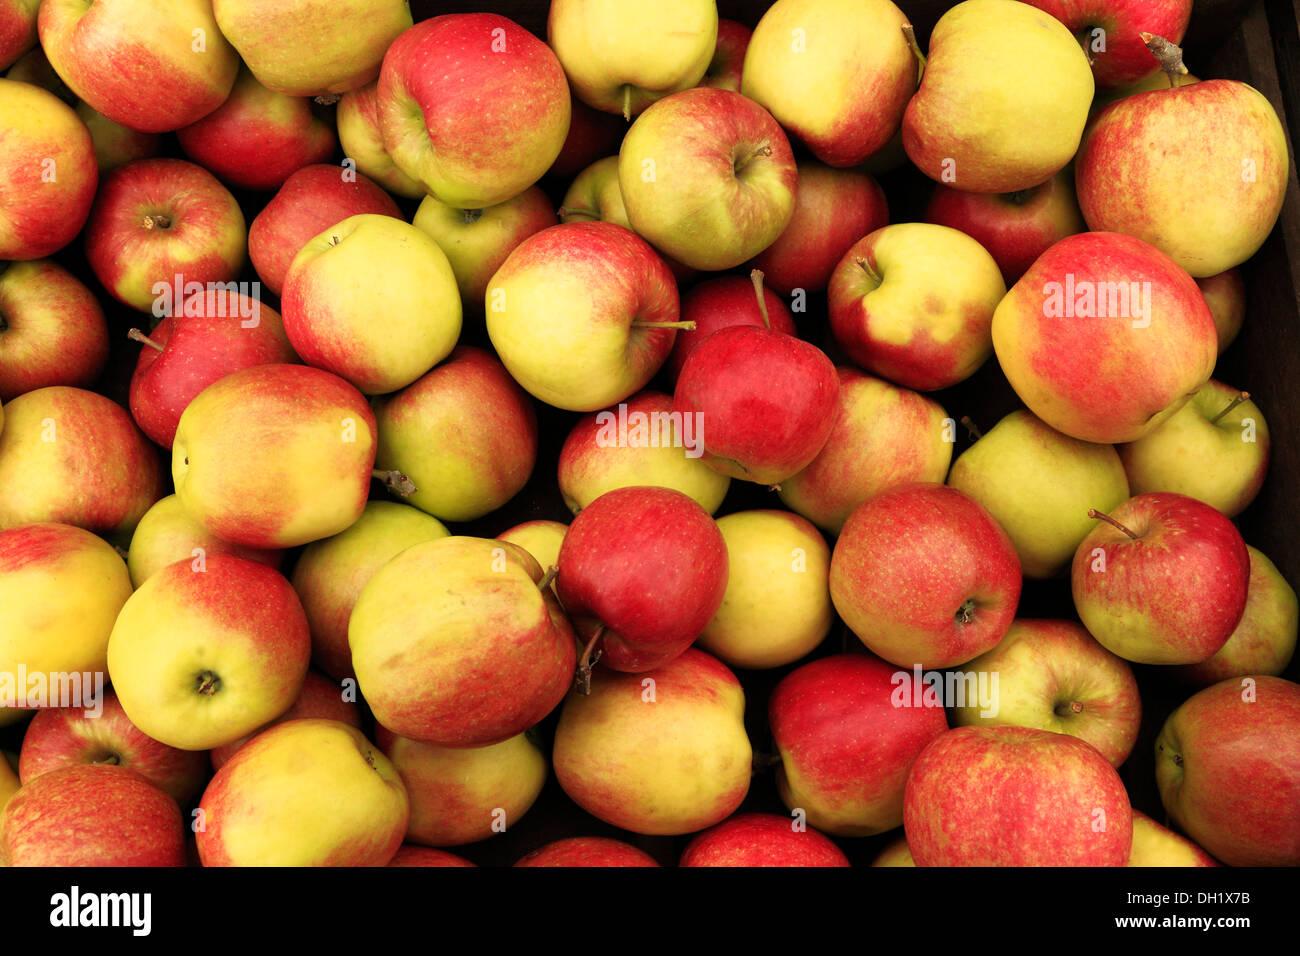 Apple 'Crowngold', farm shop display, mele REGNO UNITO Immagini Stock